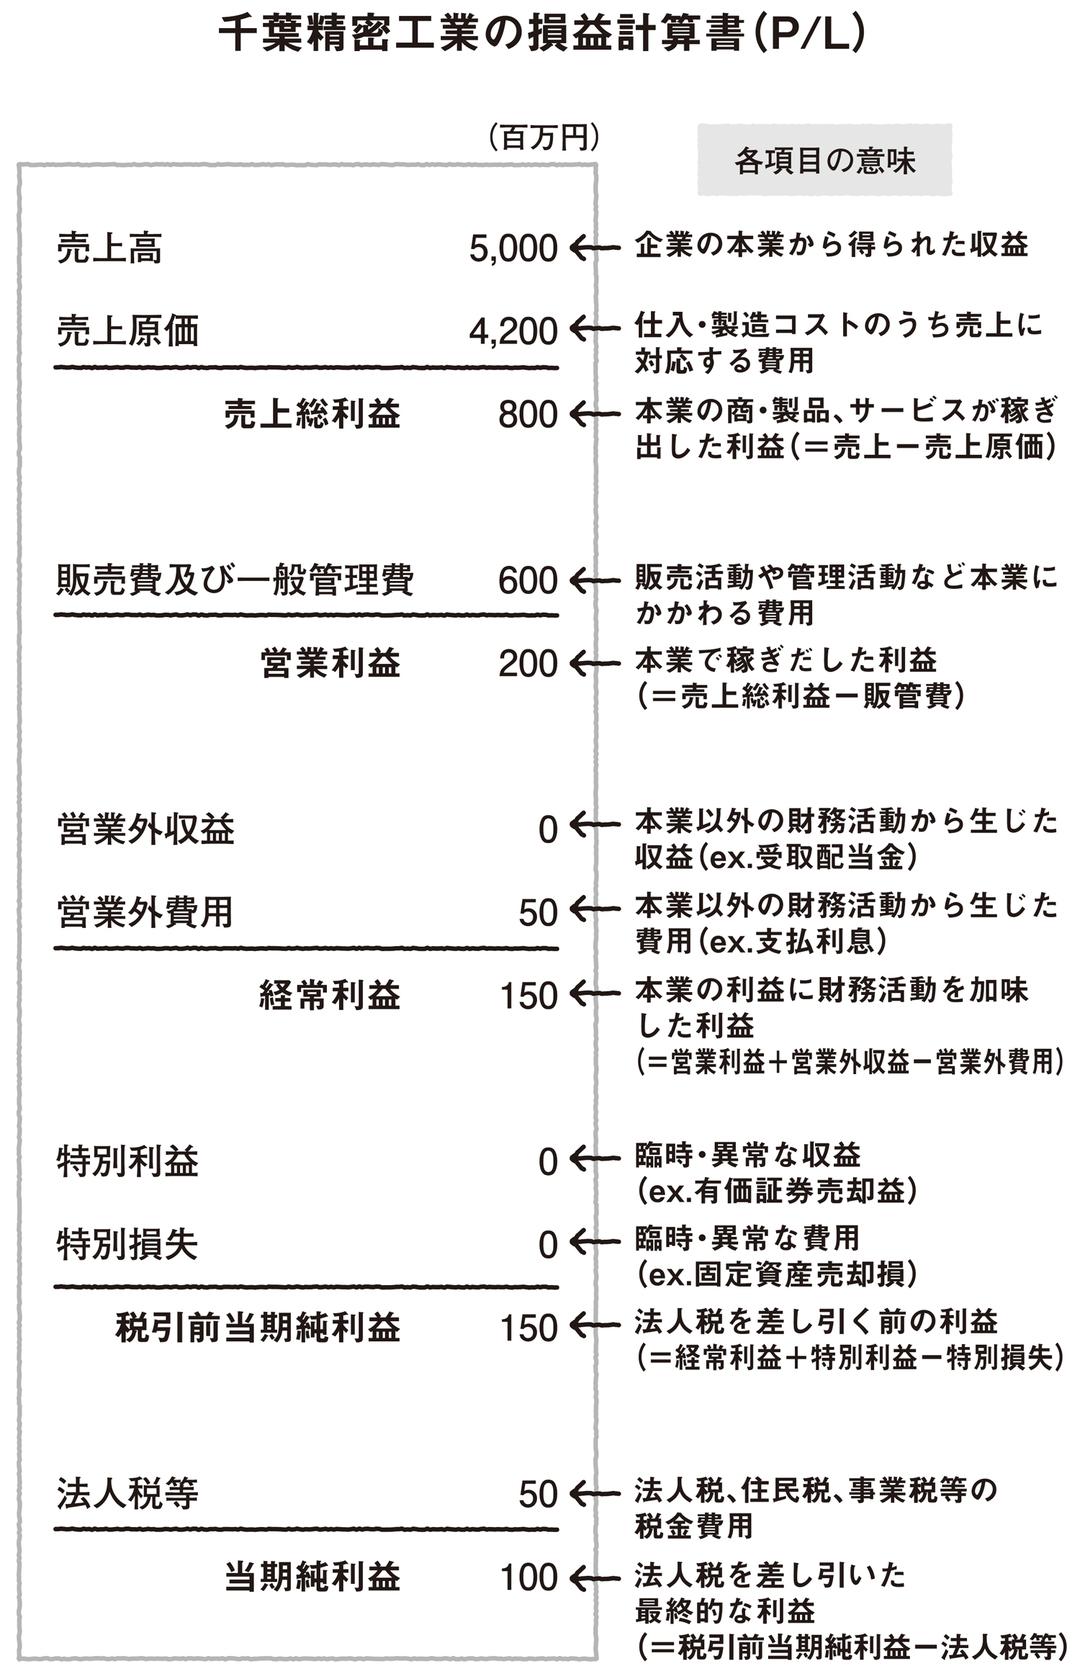 損益計算書は、会社の1年間の通知表